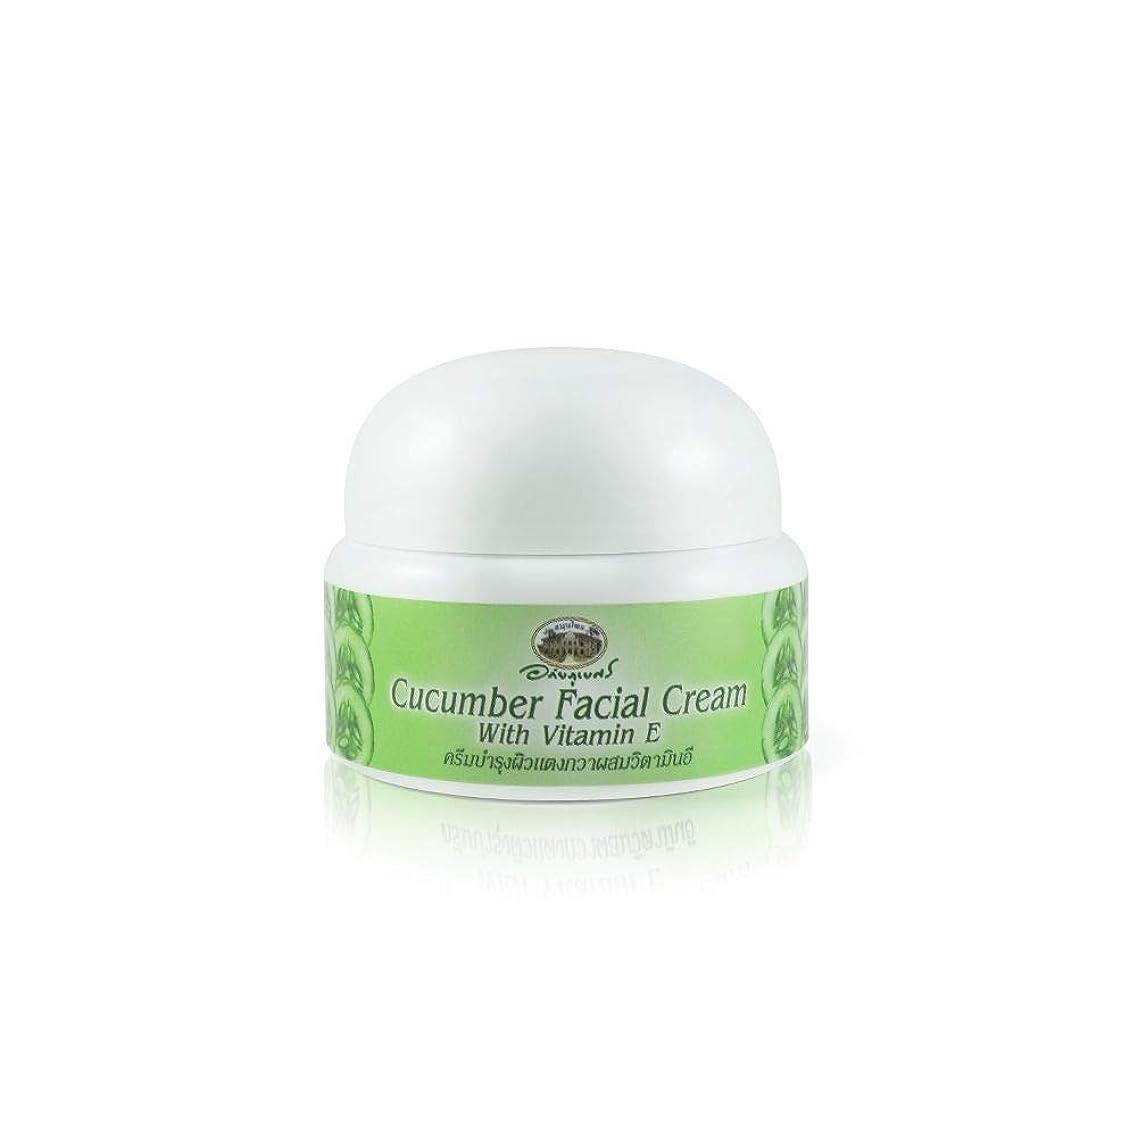 オーバーフローどちらもペデスタルAbhaibhubejhr Cucumber Herbal Facial Cream With Vitamin E 40g. Abhaibhubejhrキュウリハーブフェイシャルクリーム(ビタミンE入り)40g